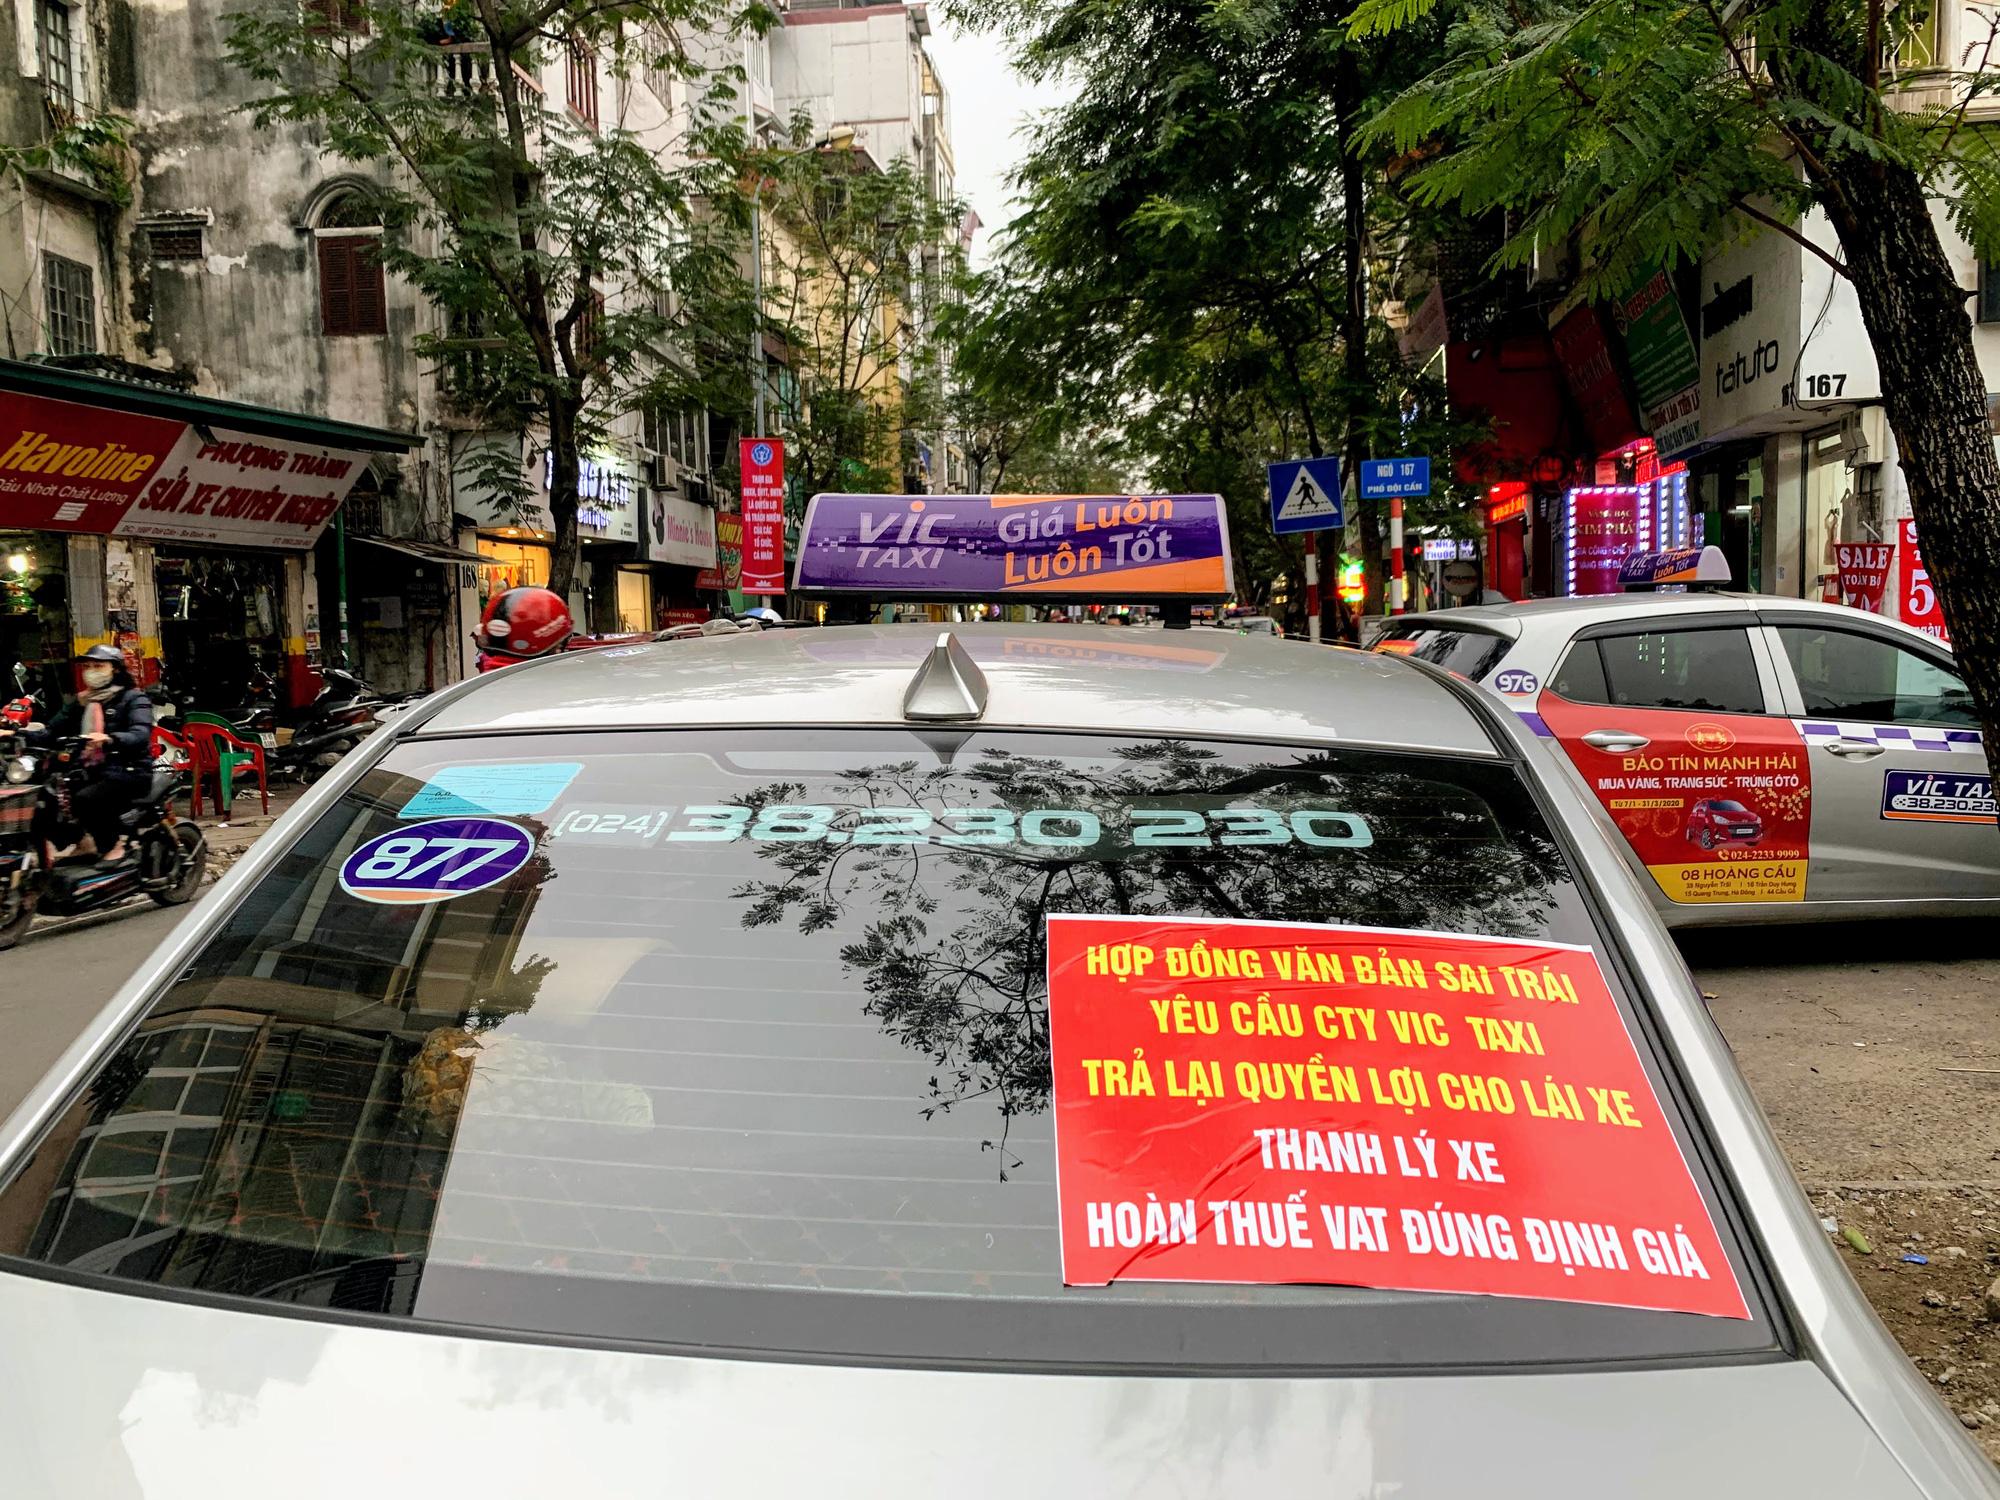 Hàng trăm tài xế Taxi Vic vây ráp trụ sở chính tại Hà Nội, căng biển 'đòi xe' - Ảnh 1.